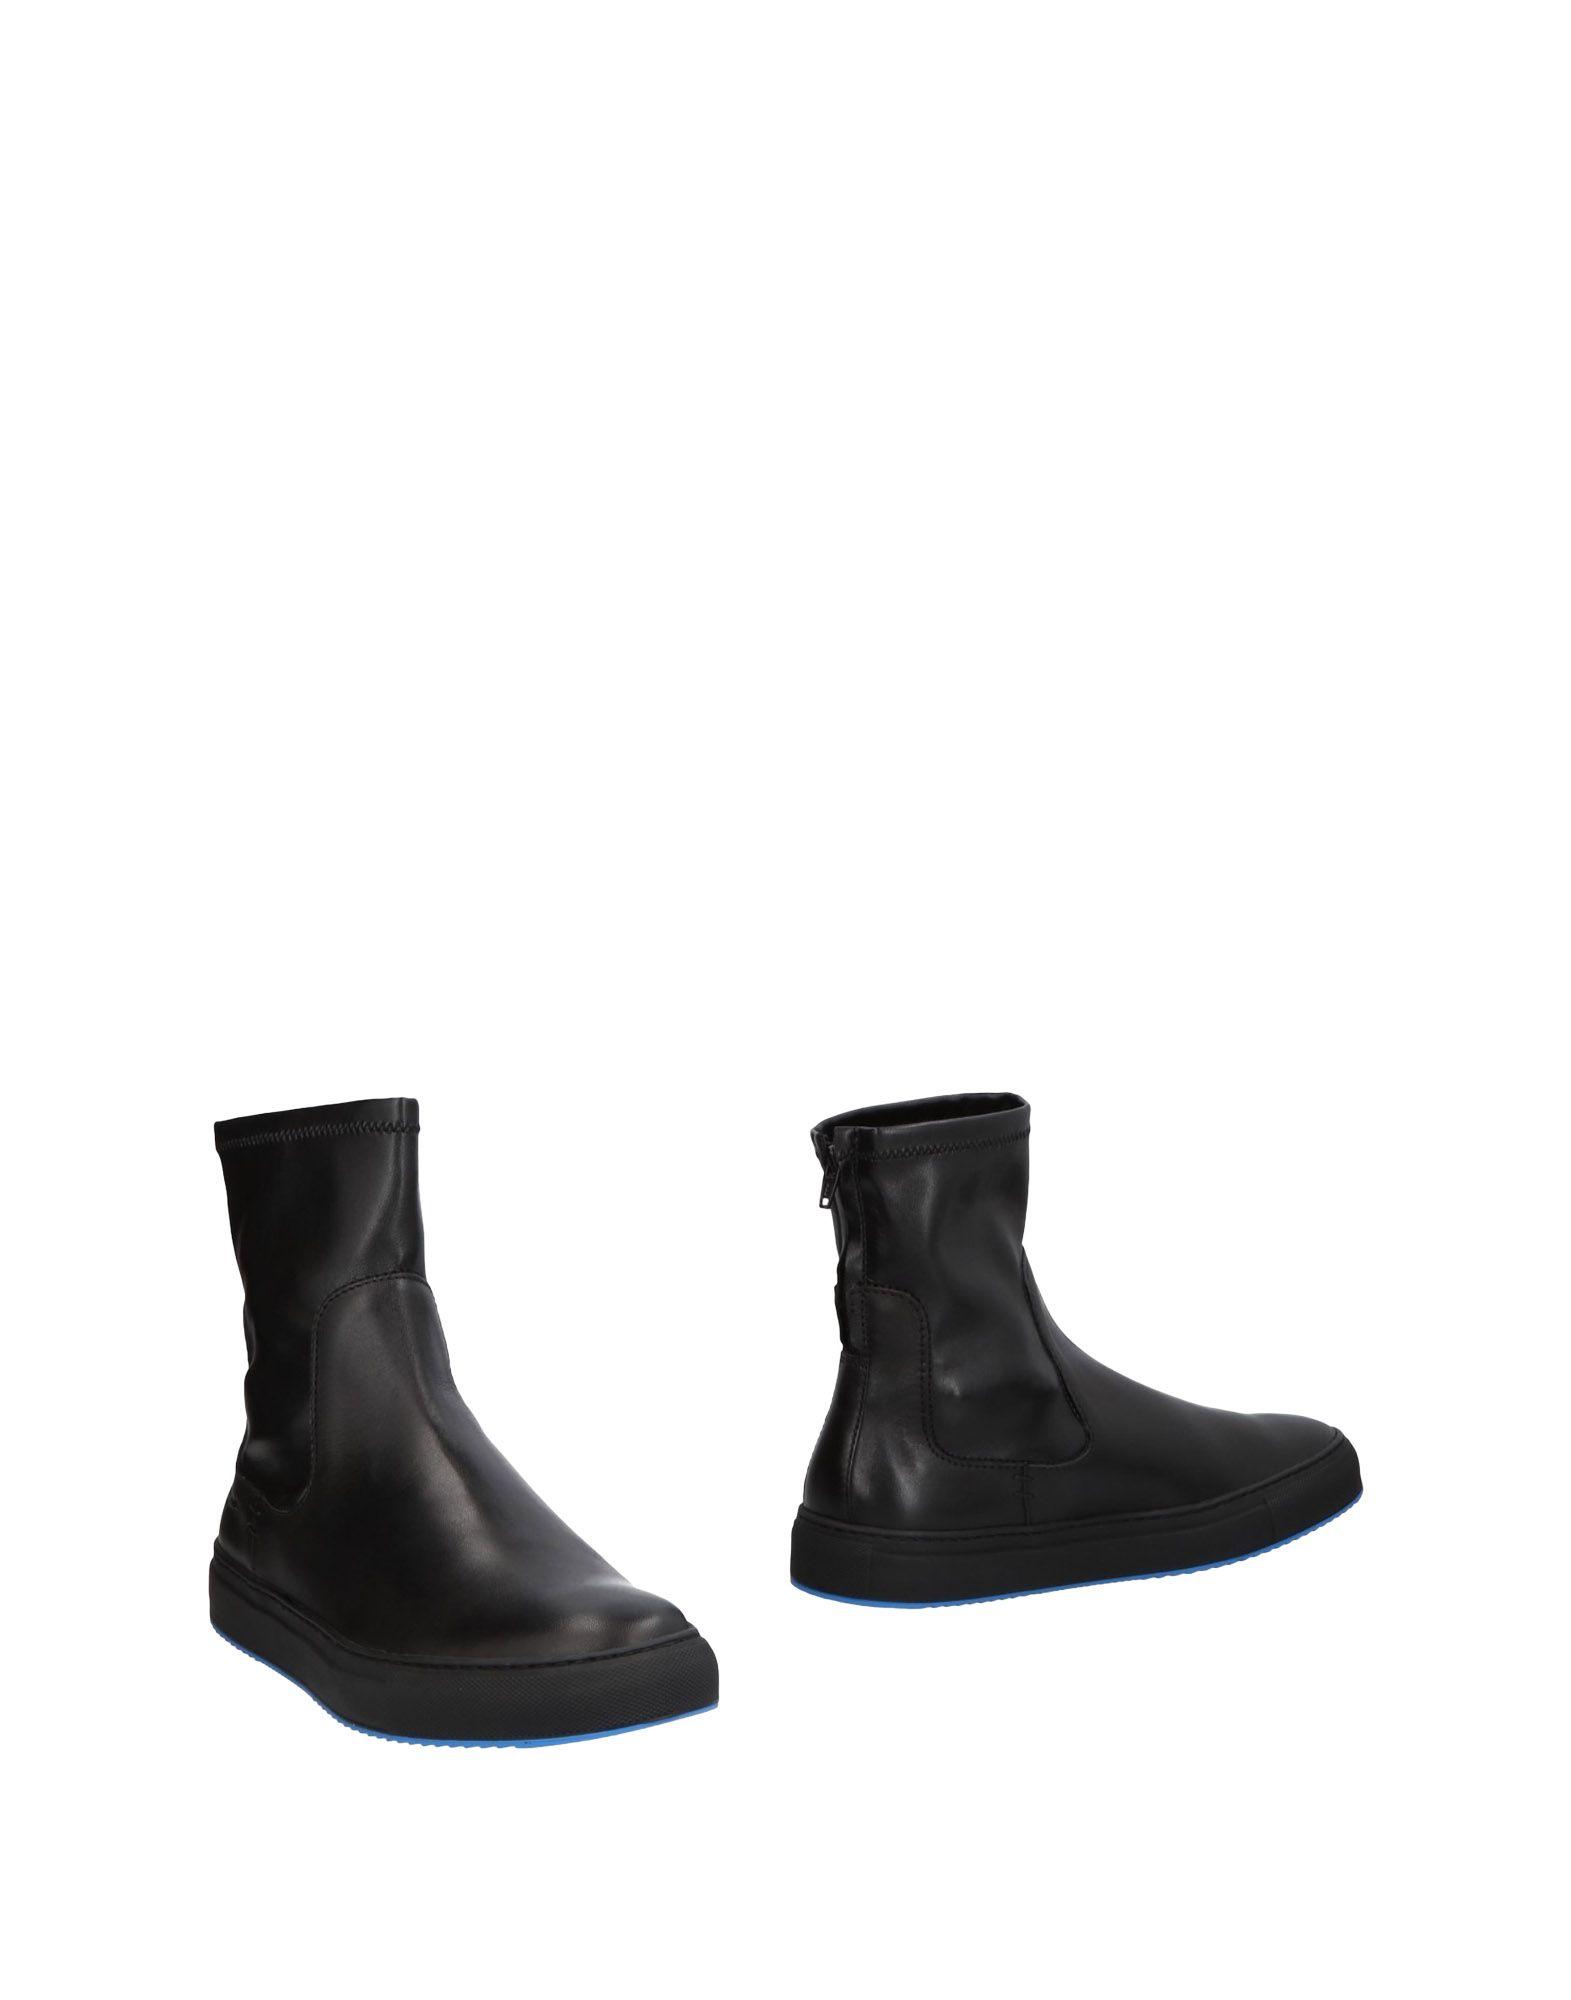 Uri Minkoff Stiefelette Herren  11449203RB Gute Qualität beliebte Schuhe